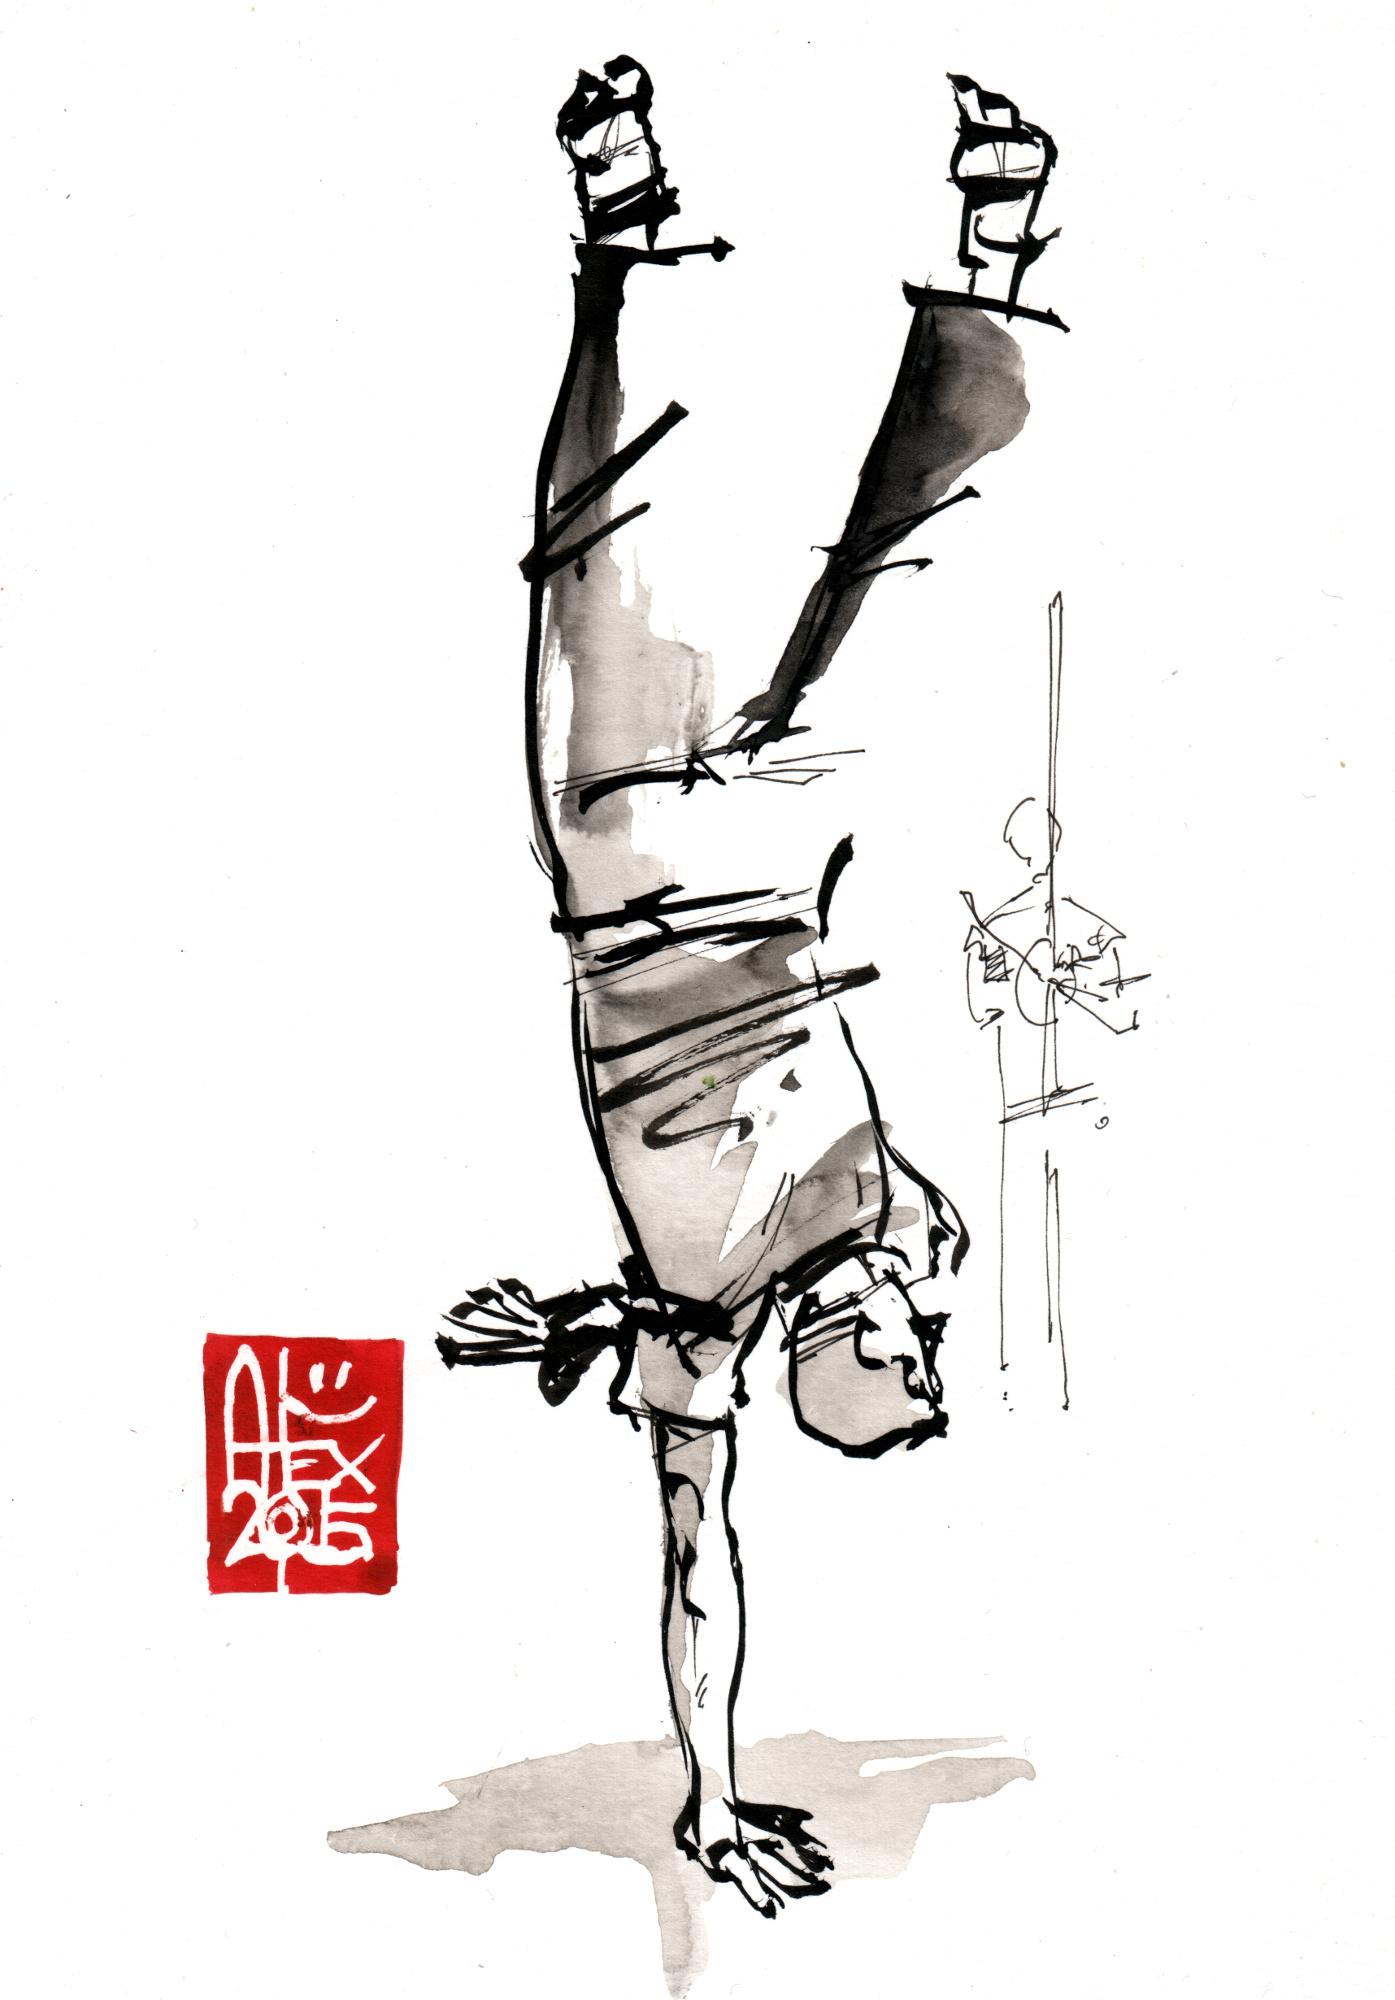 Illustration : Capoeira – 800 [ #capoeira #watercolor #illustration] aquarelle sur papier 190gr / watercolor on paper 190gr 14.5 x 21 cm / 5.7 x 8.2 in